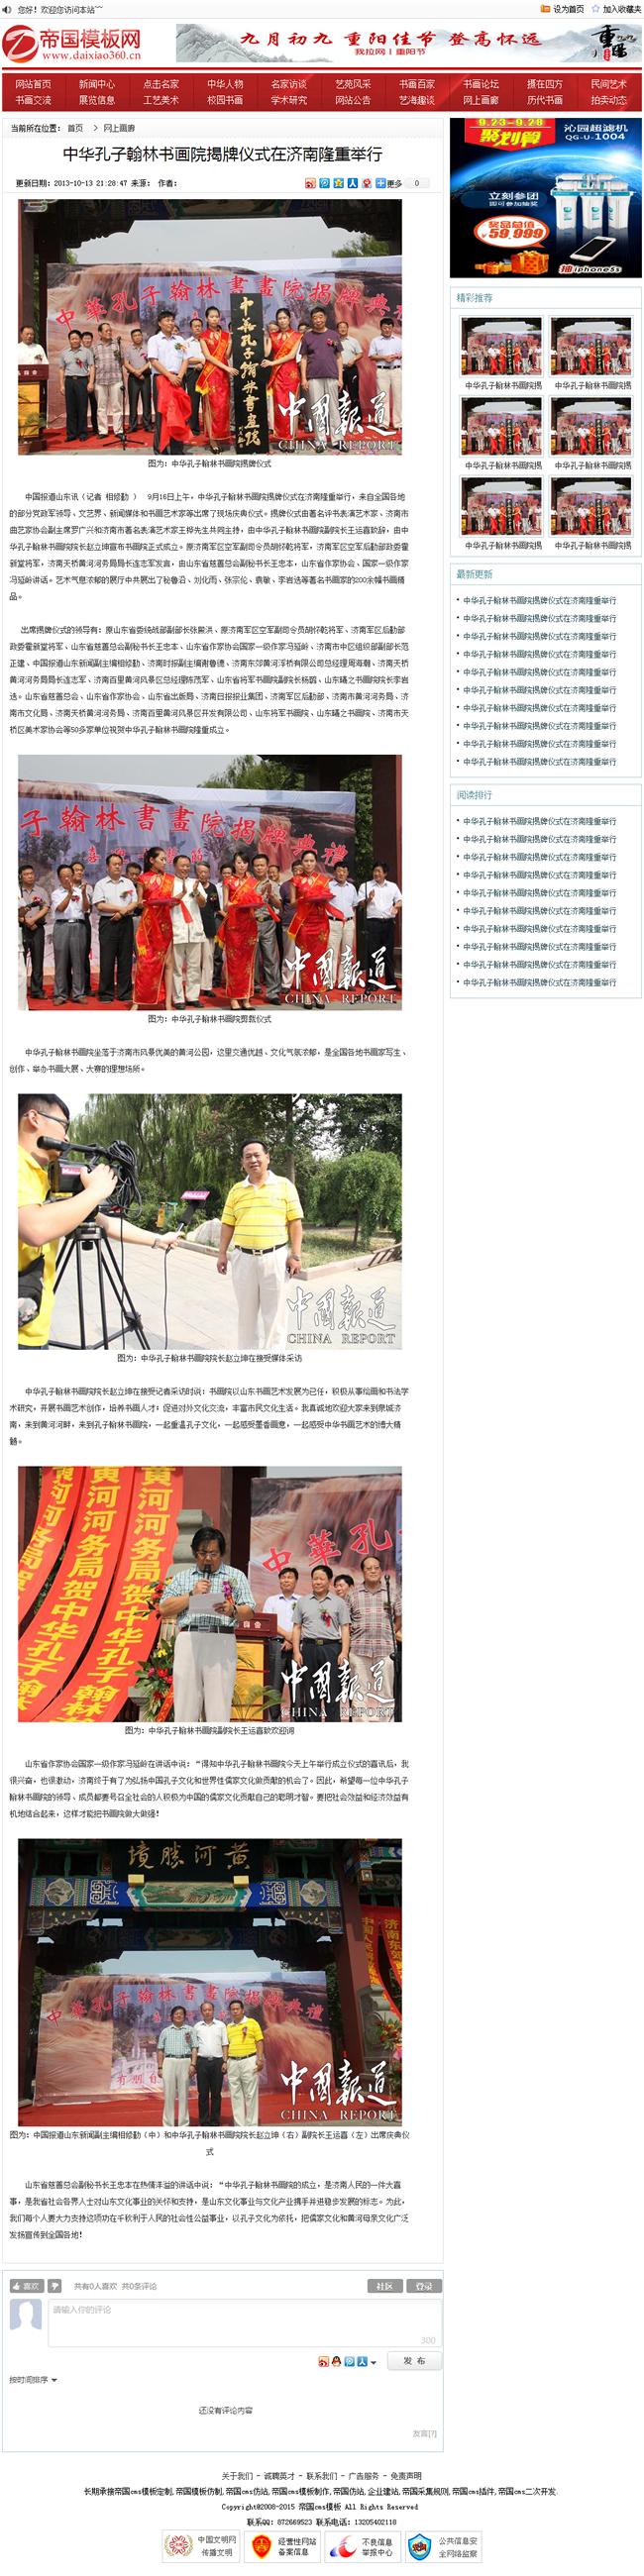 新闻资讯门户网站模板_内容页